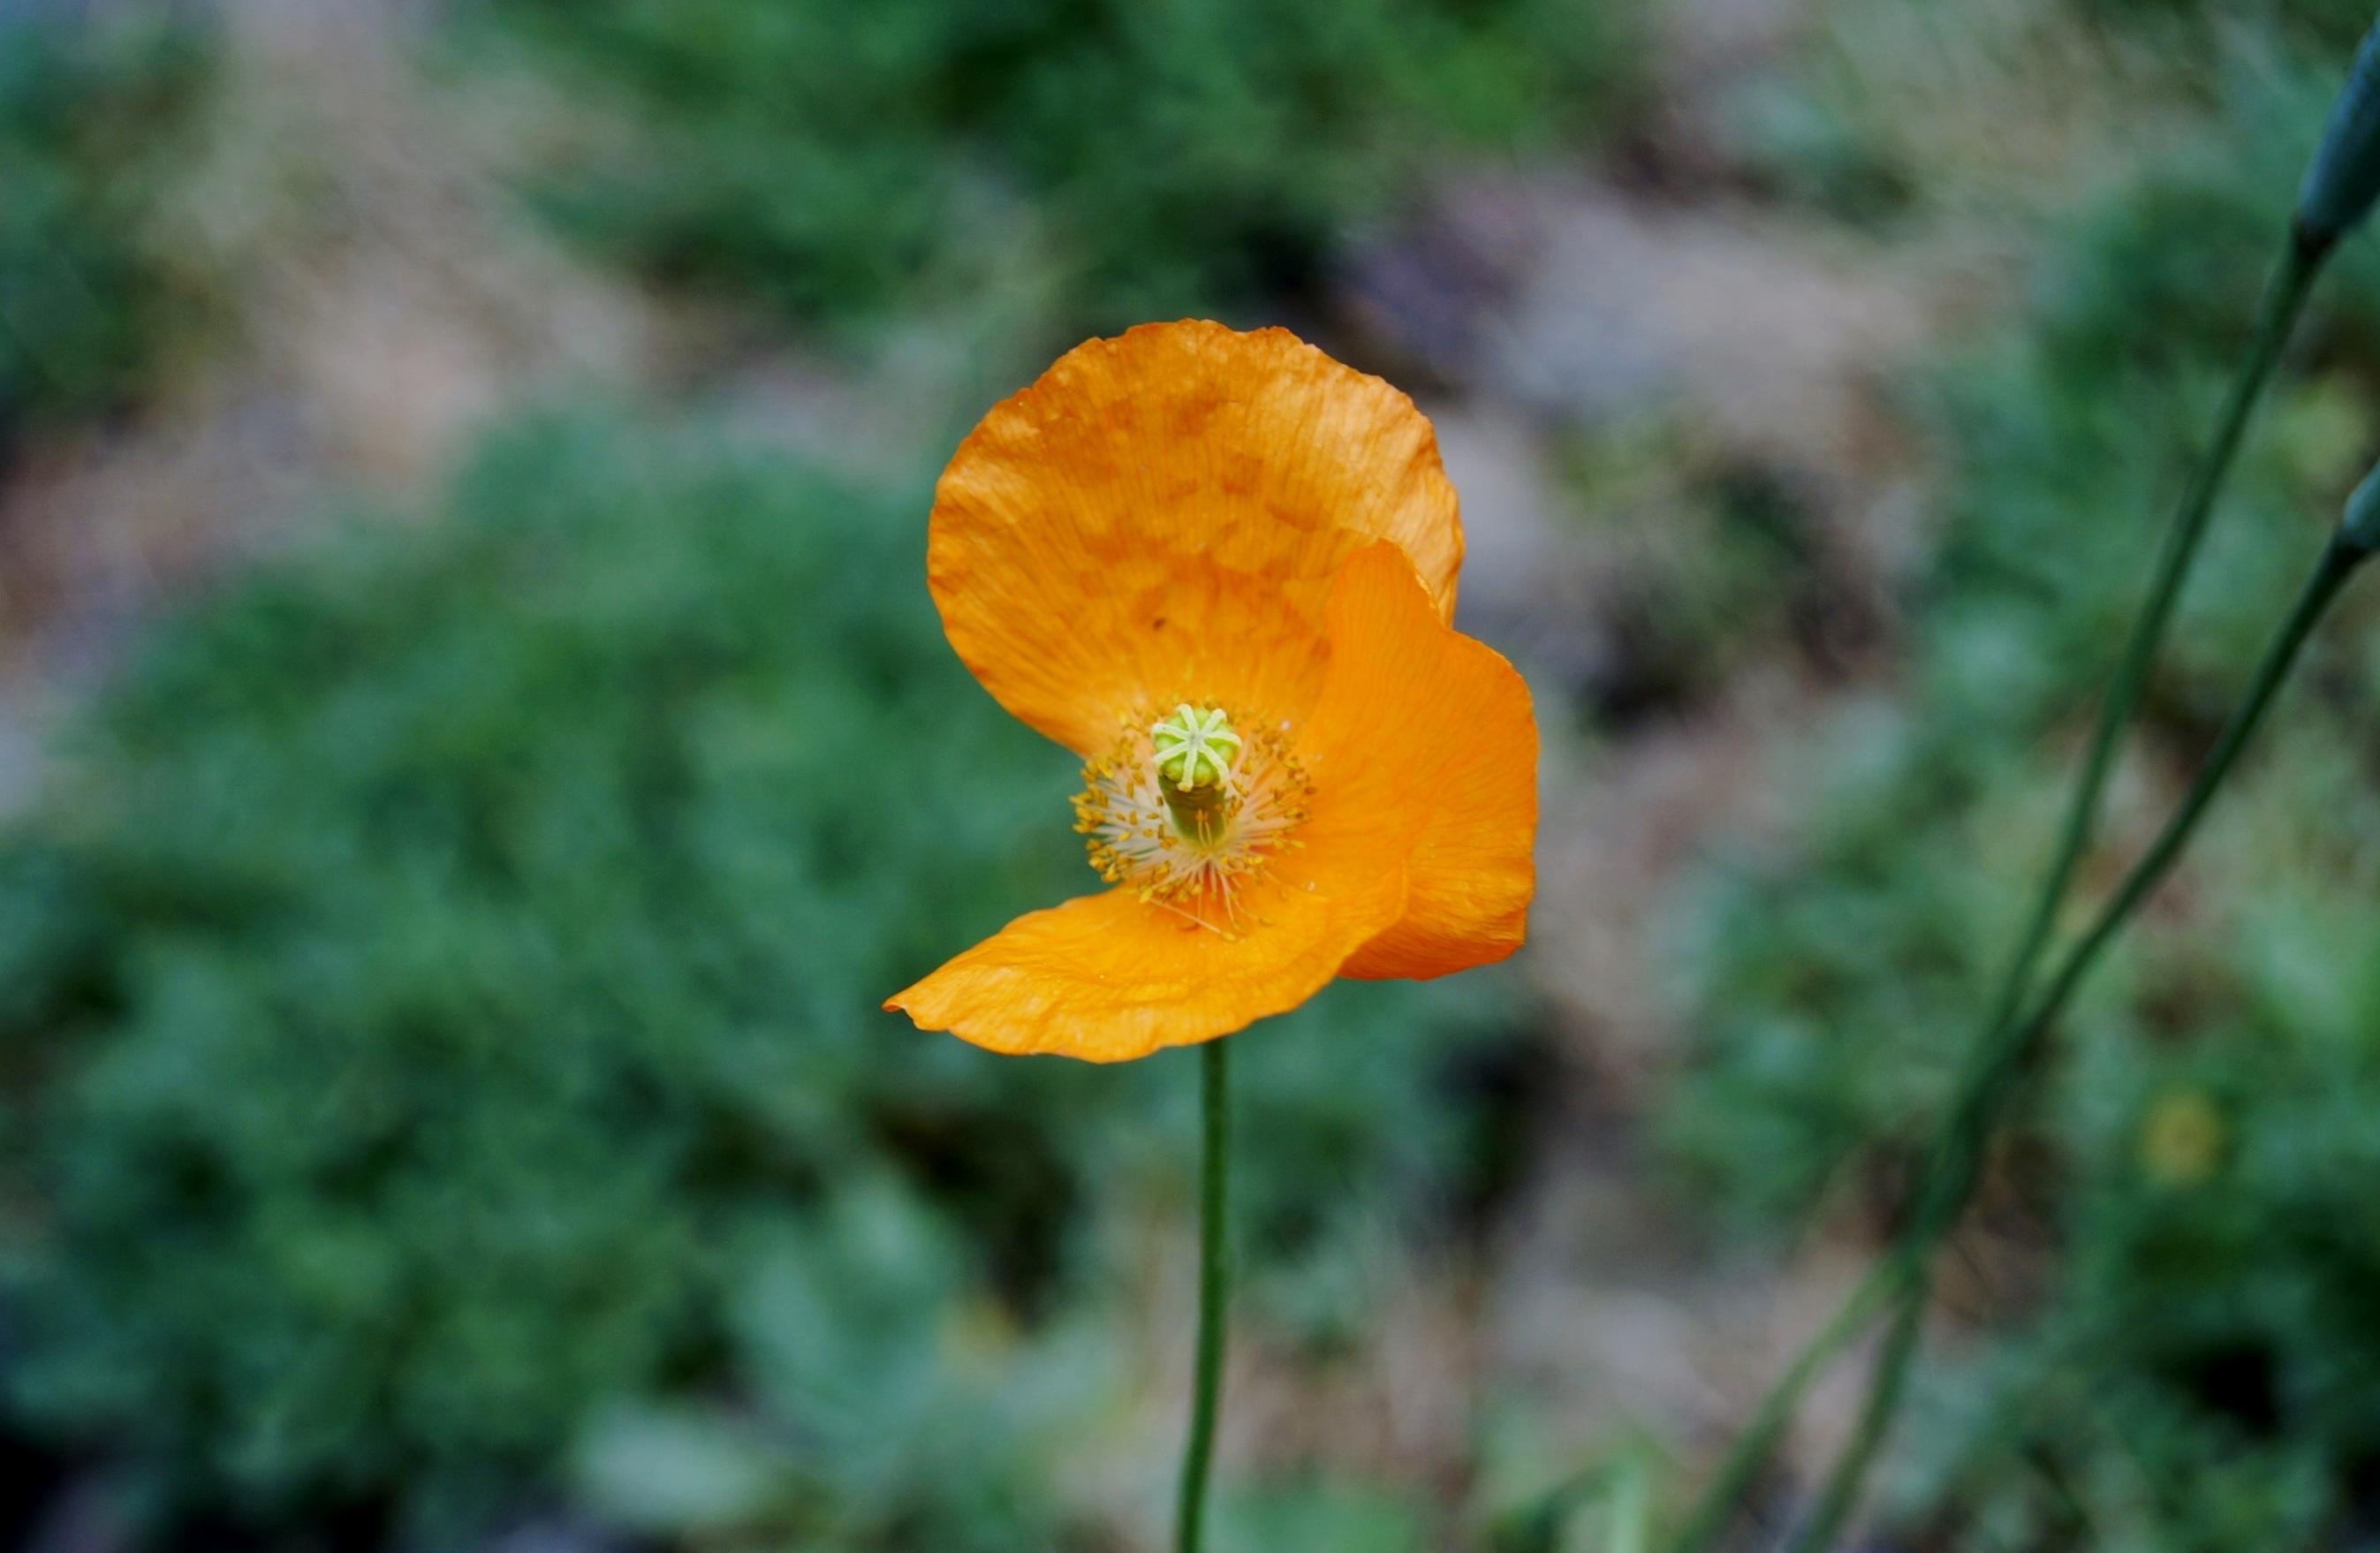 Images gratuites la nature prairie feuille fleur p tale vert l 39 automne botanique jaune - Mauvaise herbe fleur jaune ...